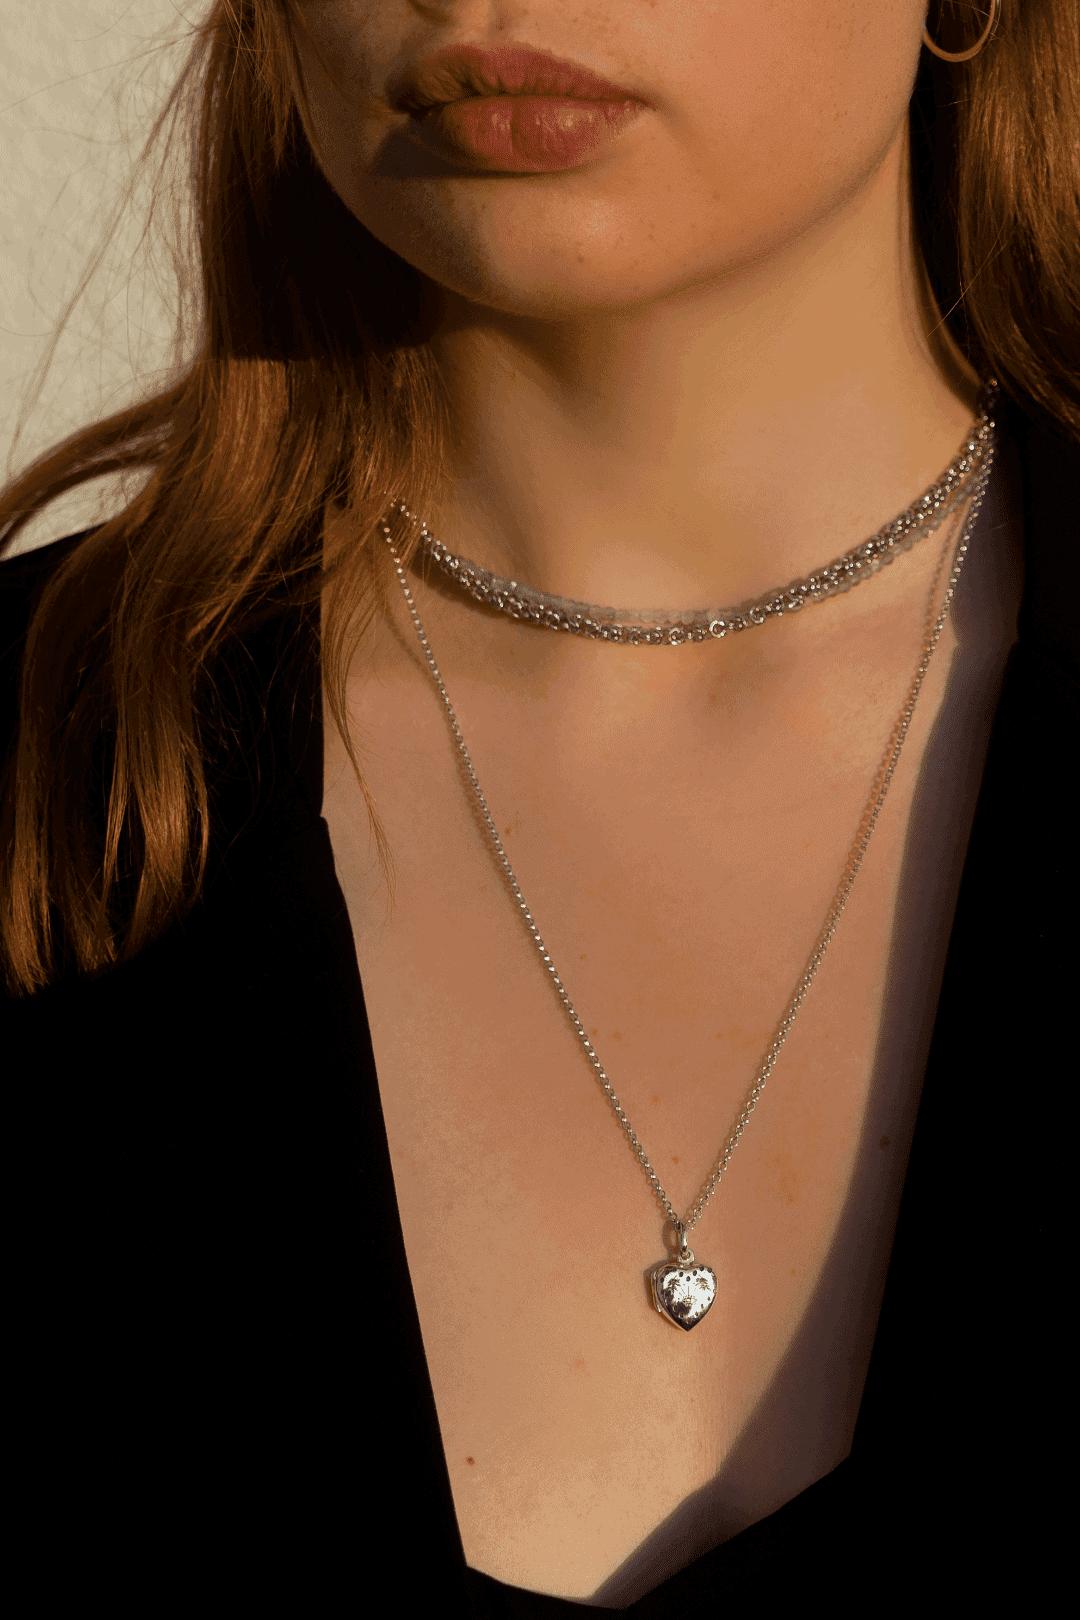 Modelka prezentuje na sobie zestaw srebrnej biżuterii: sekretnik na fotografię, srebrny naszyjnik i naszyjnik z kamieni naturalnych.